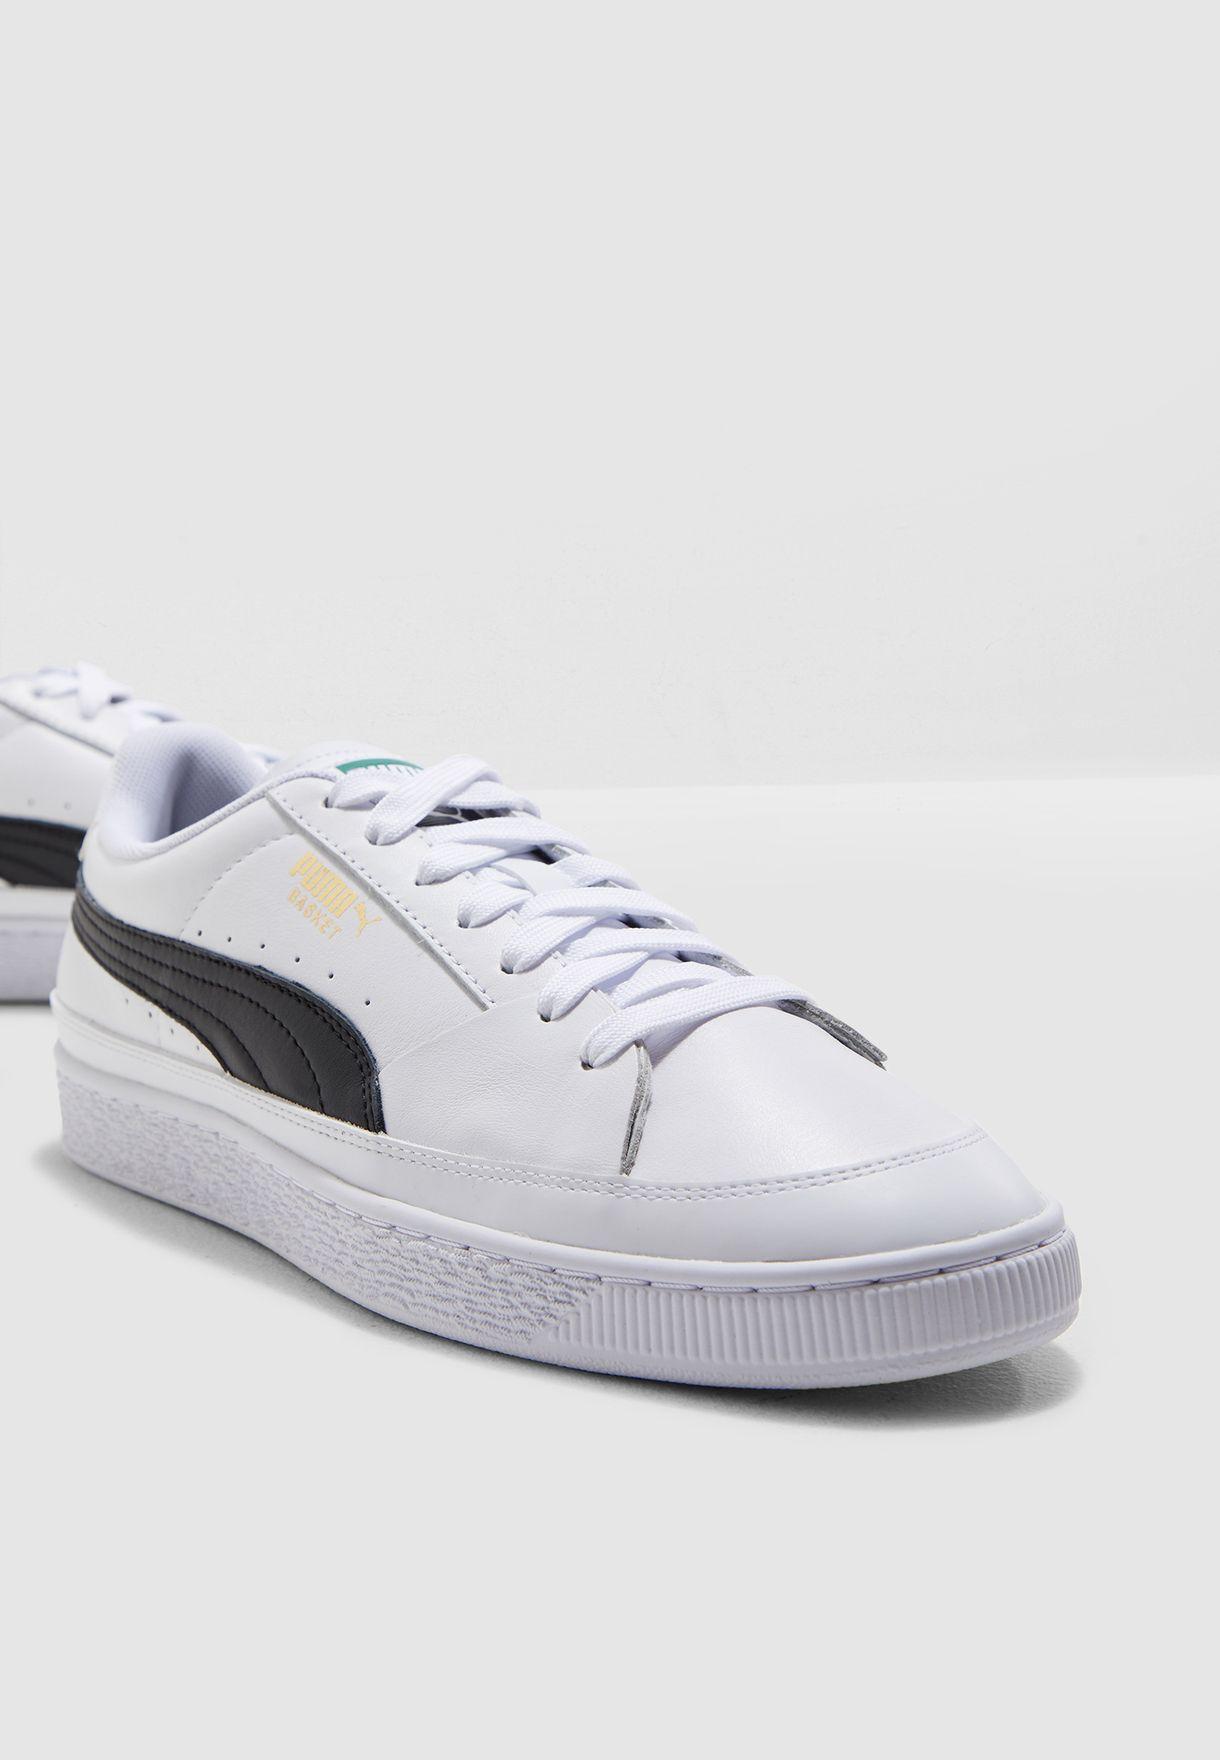 Puma Basket Skate Sneakers For Men